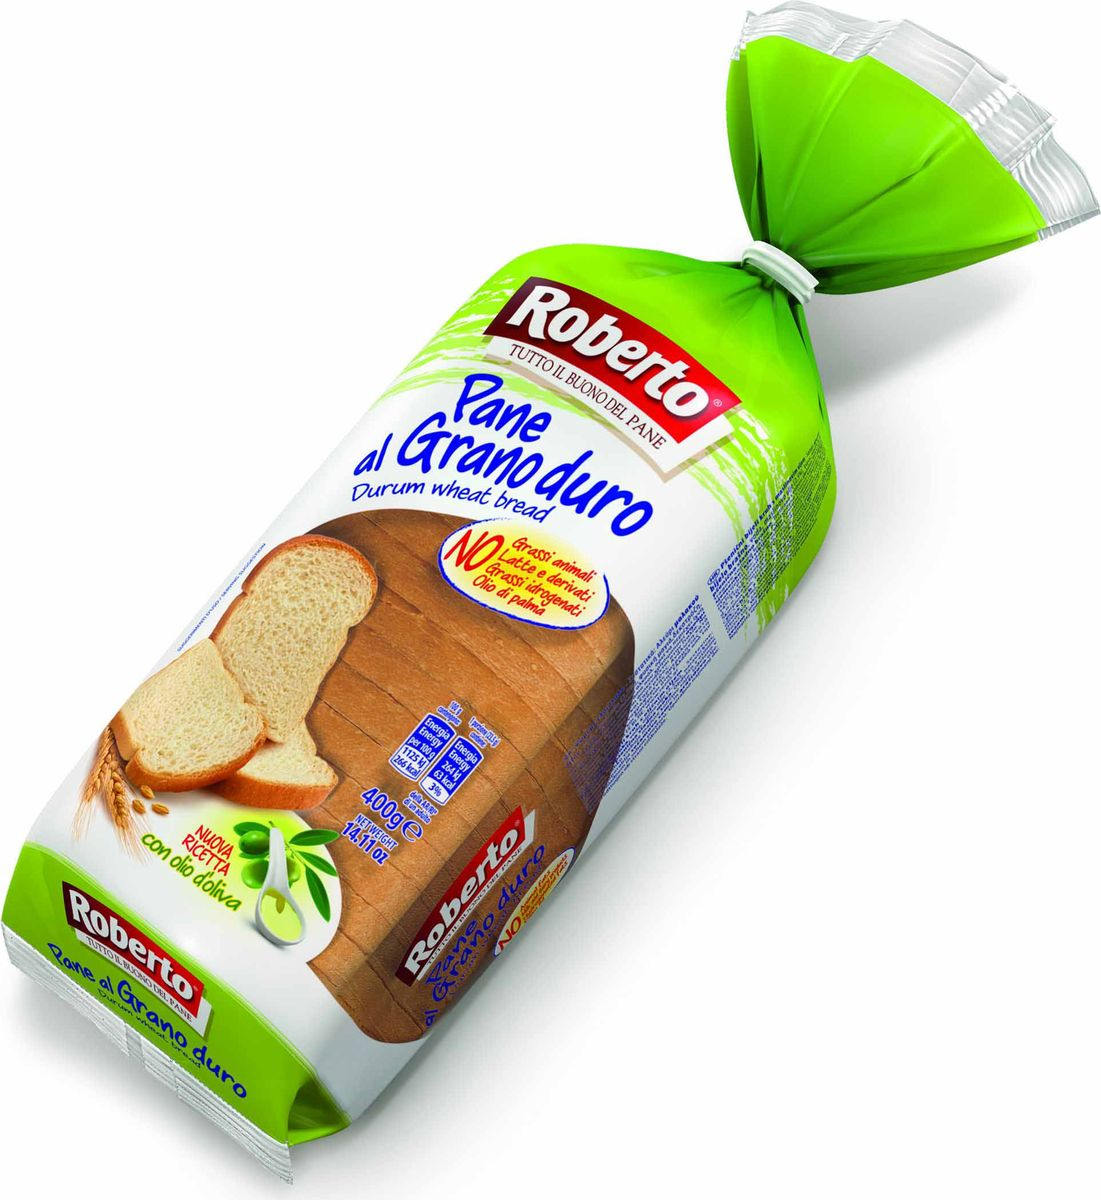 Roberto Хлеб из муки твердых сортов пшеницы, 400 г romeo rossi паста сицилийская из муки твердых сортов фузилли 500 г